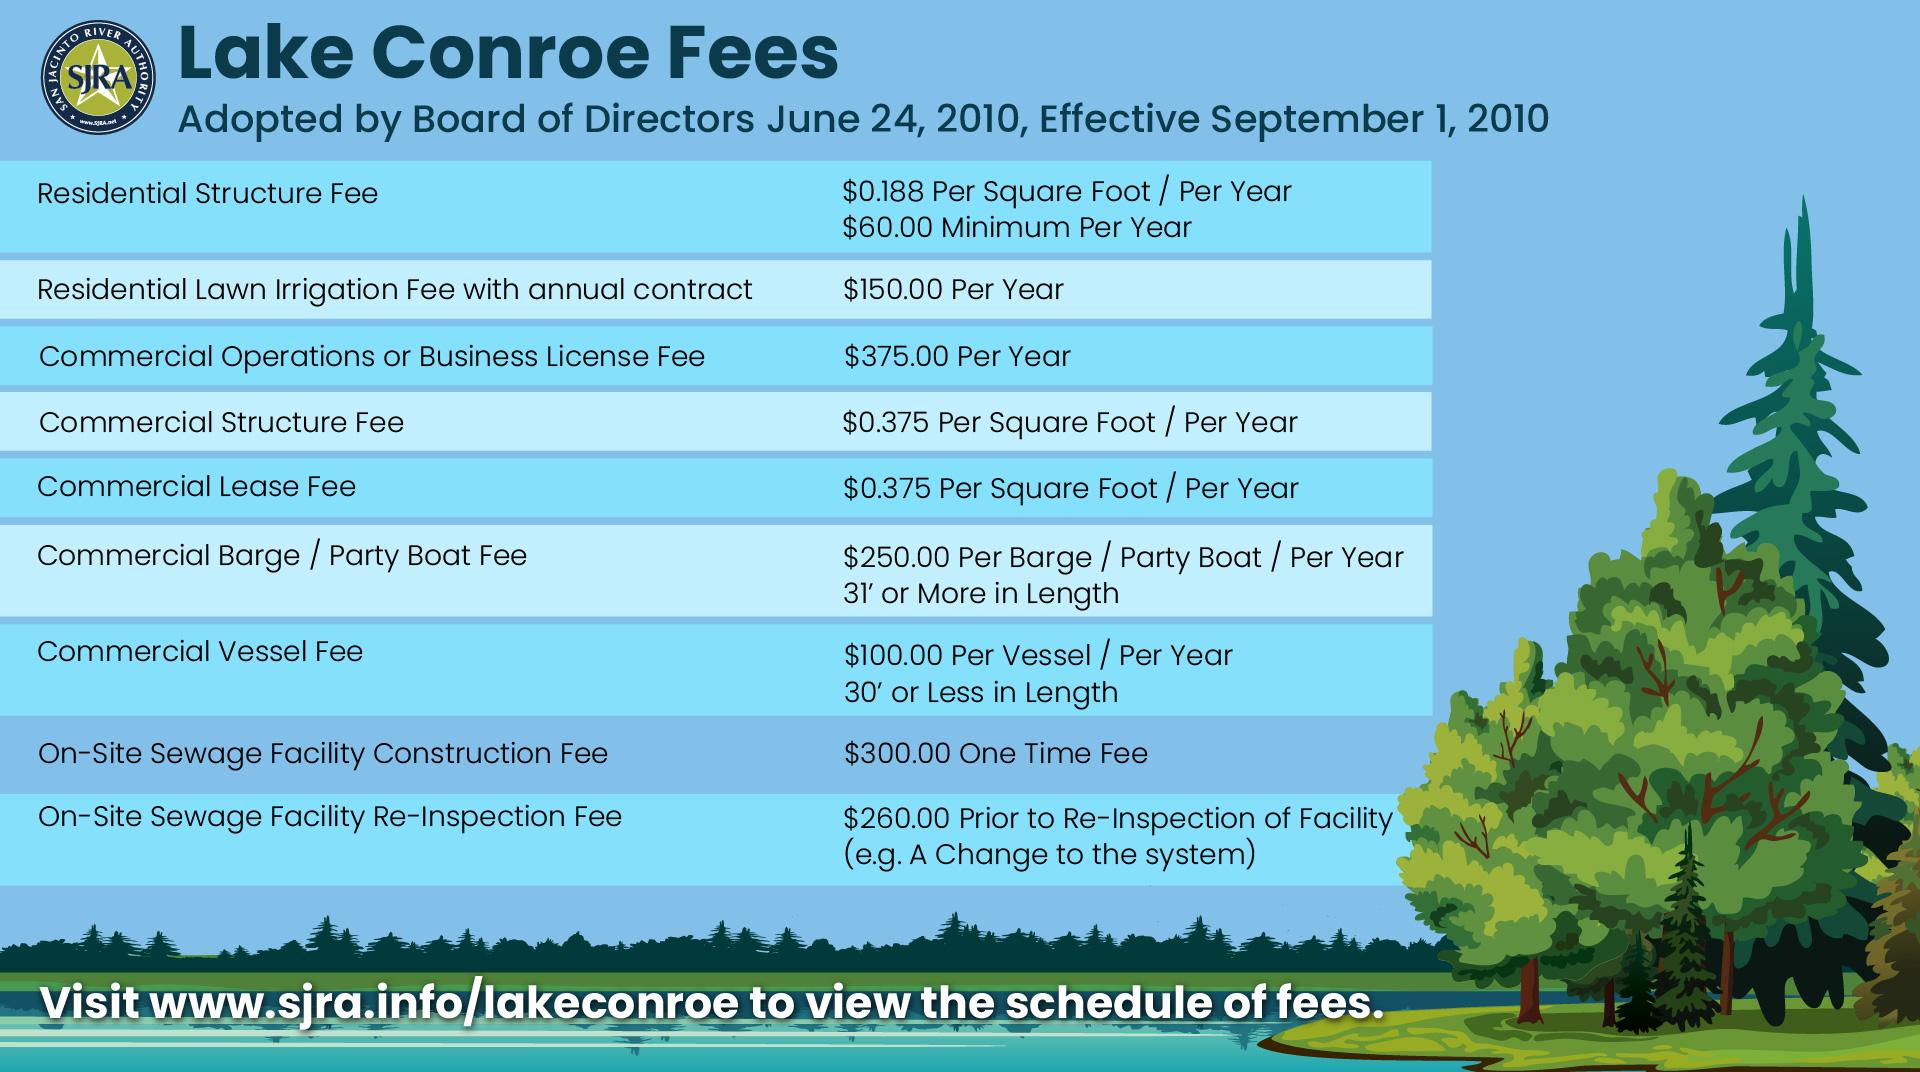 Lake Conroe Fees